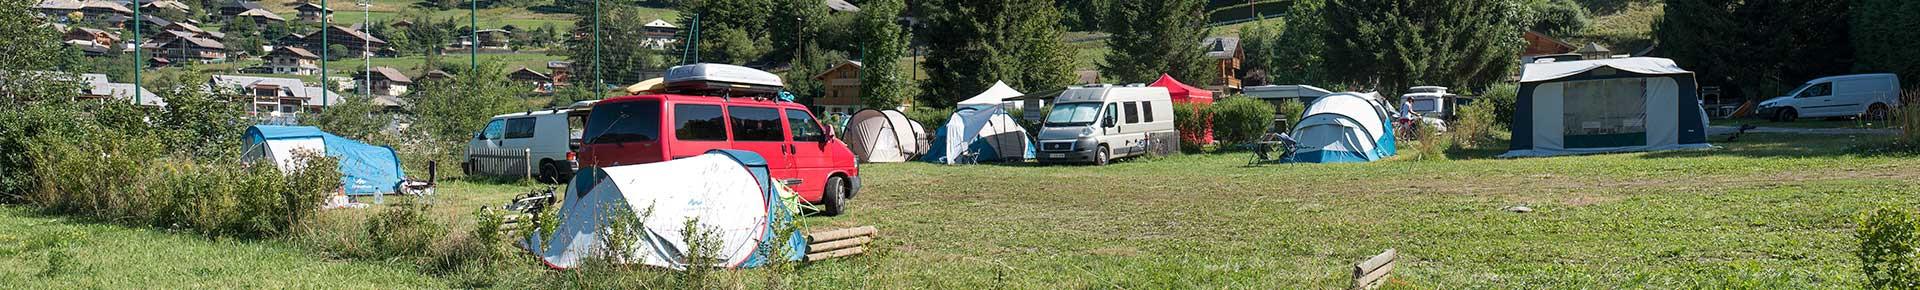 Camping Le Pré